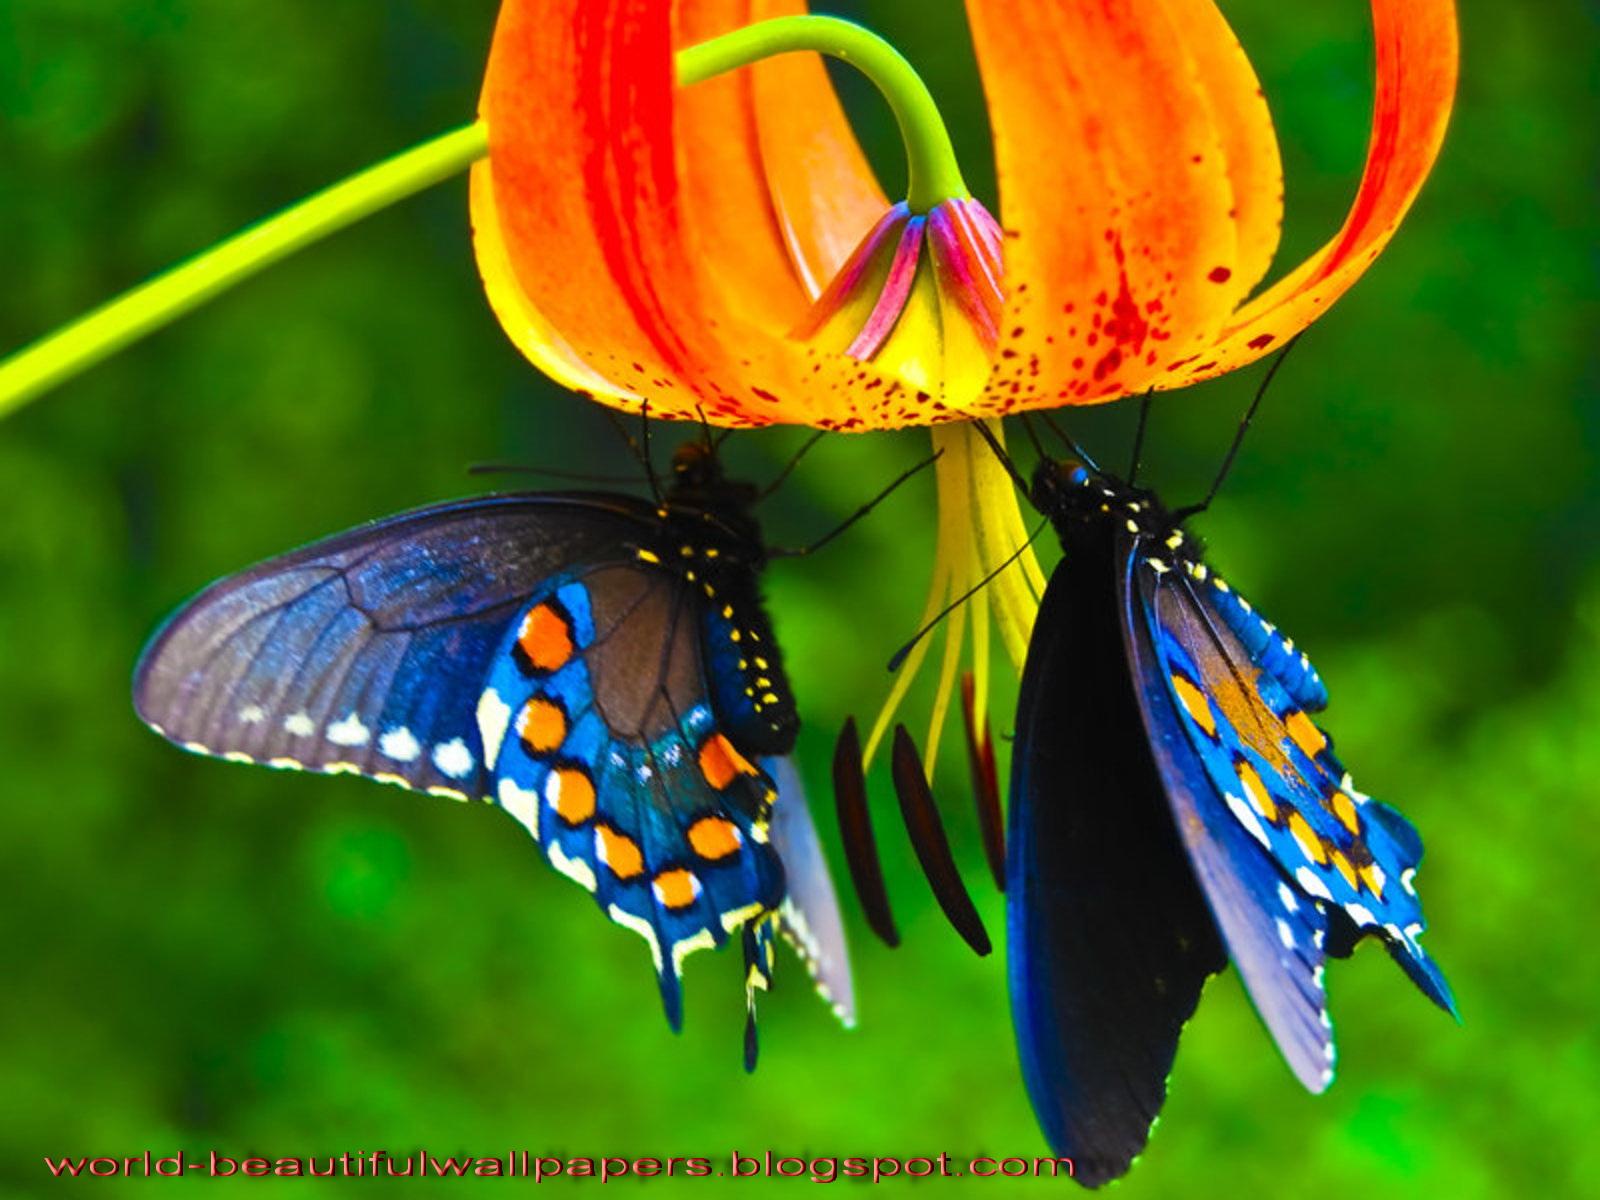 Beautiful wallpapers beautiful butterflies wallpaper for Butterfly wallpaper